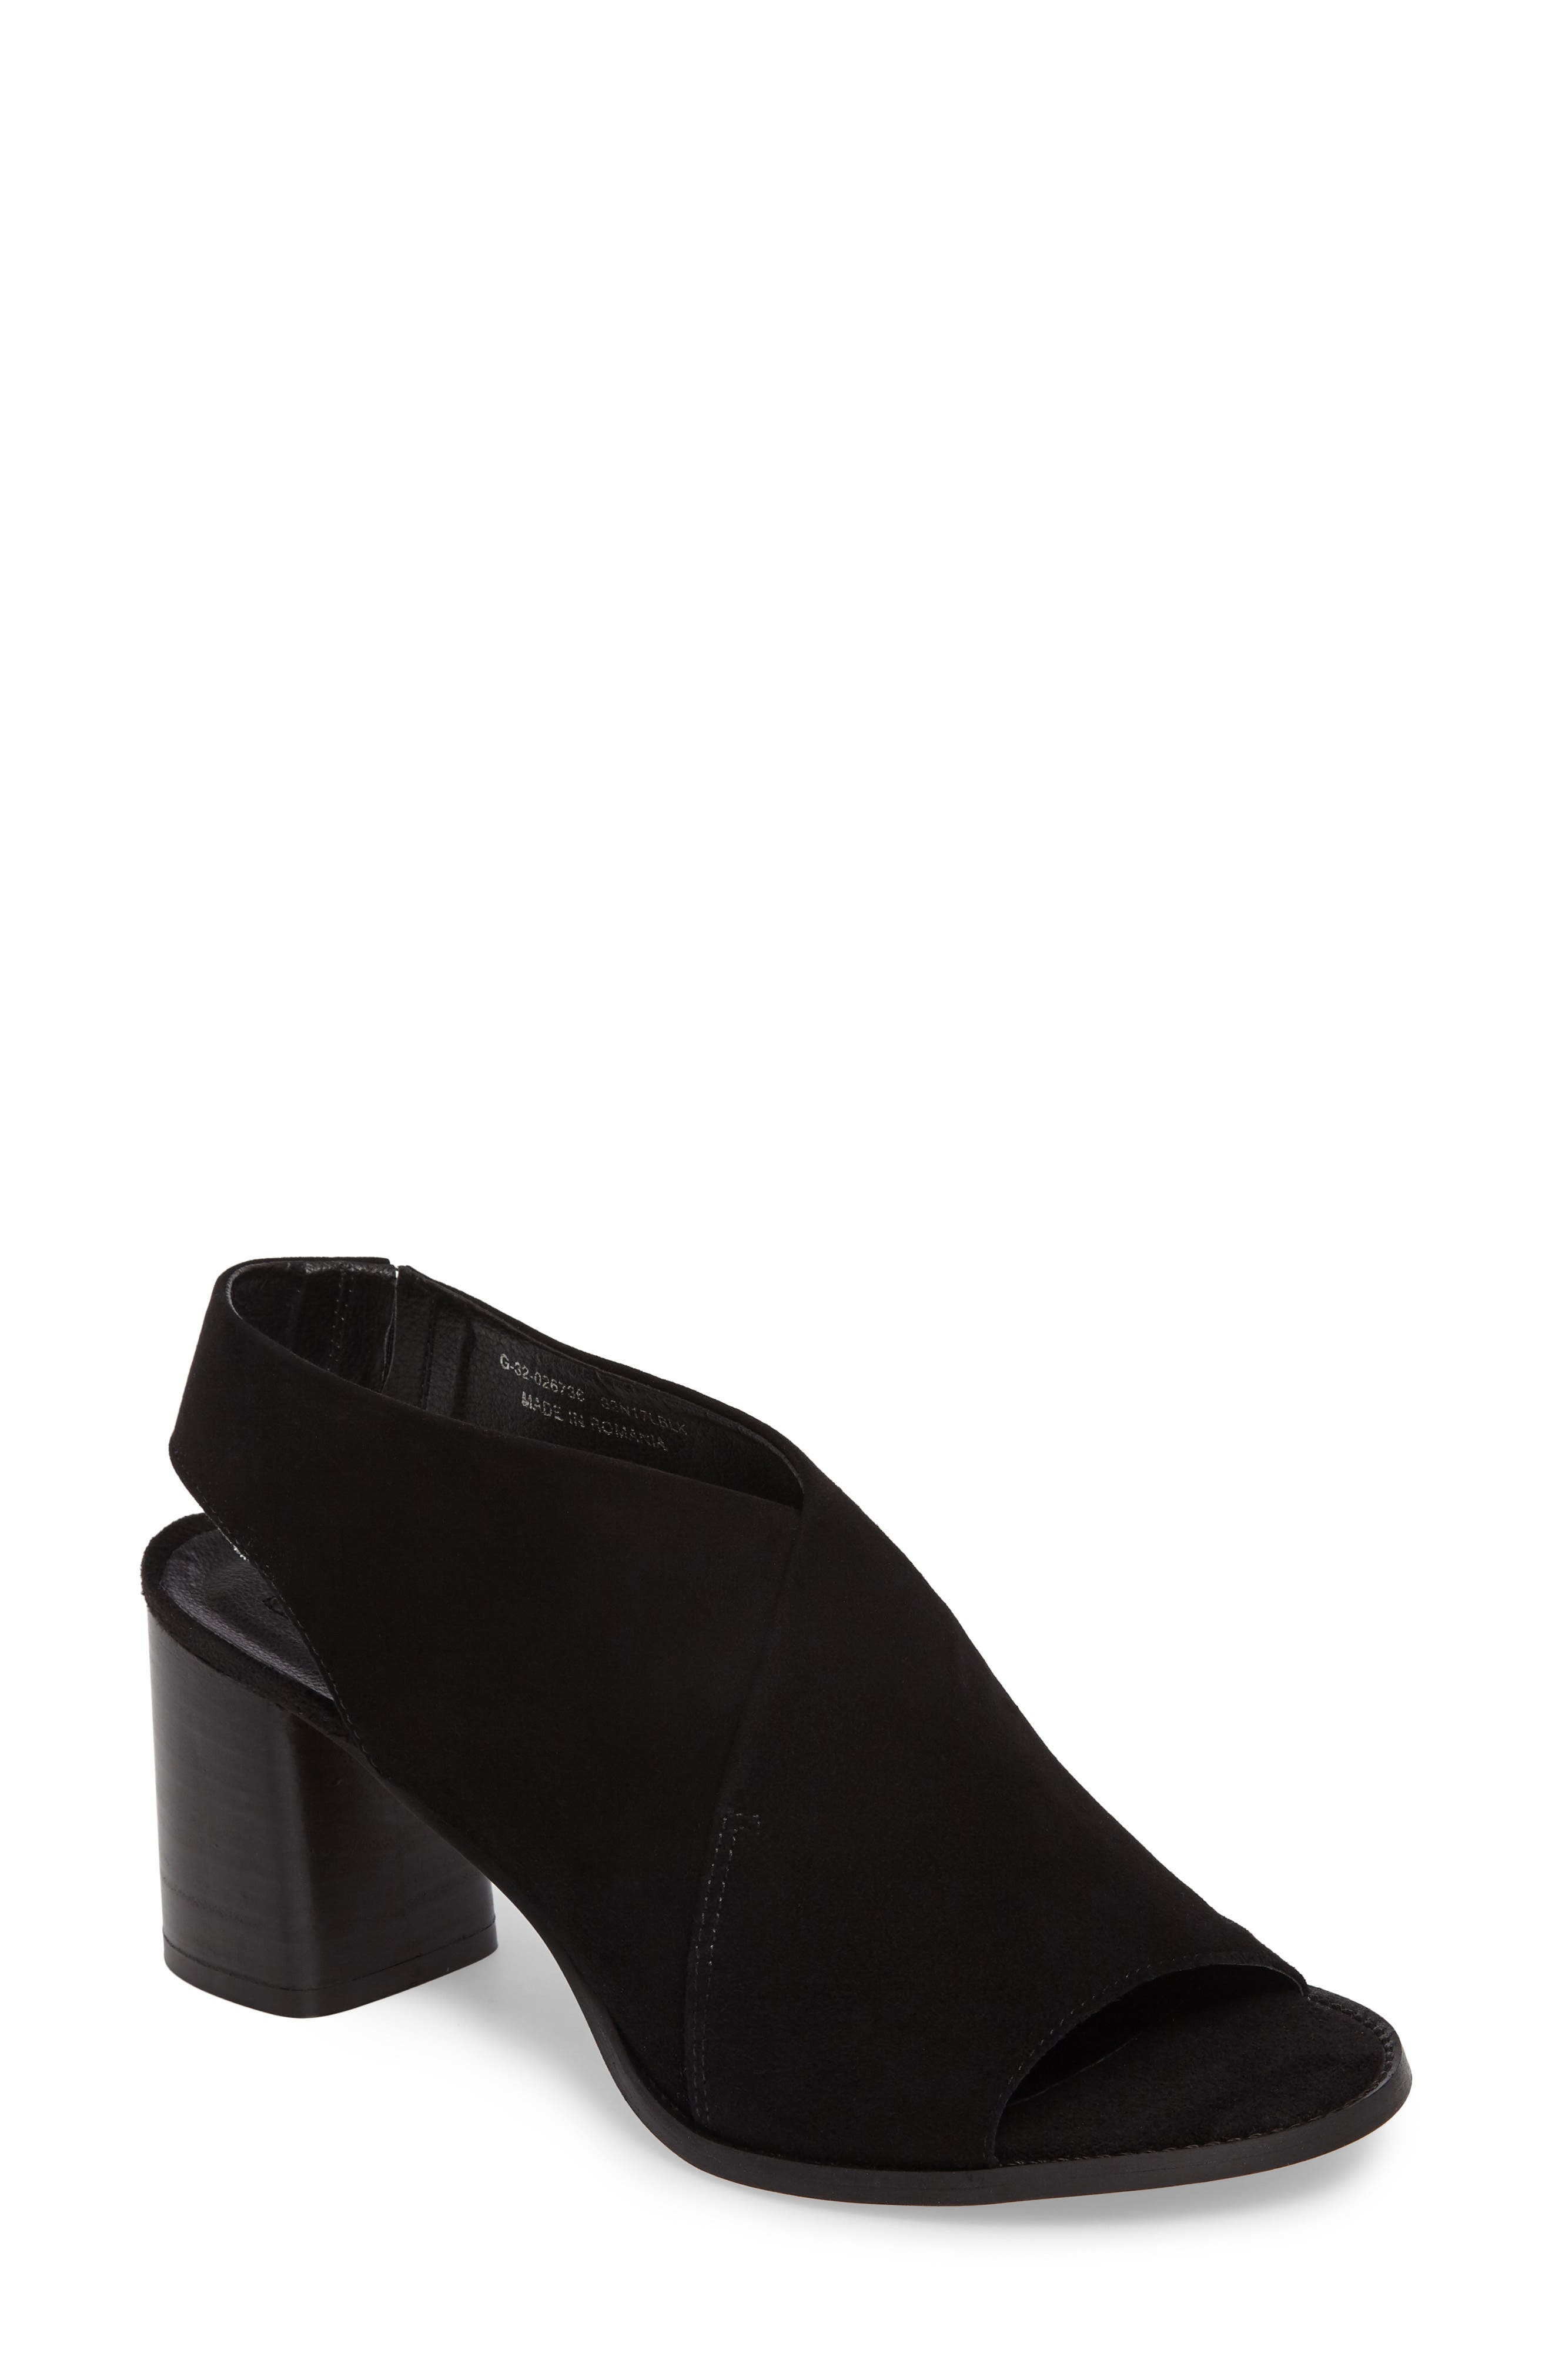 Noa Slingback Sandal,                             Main thumbnail 1, color,                             BLACK